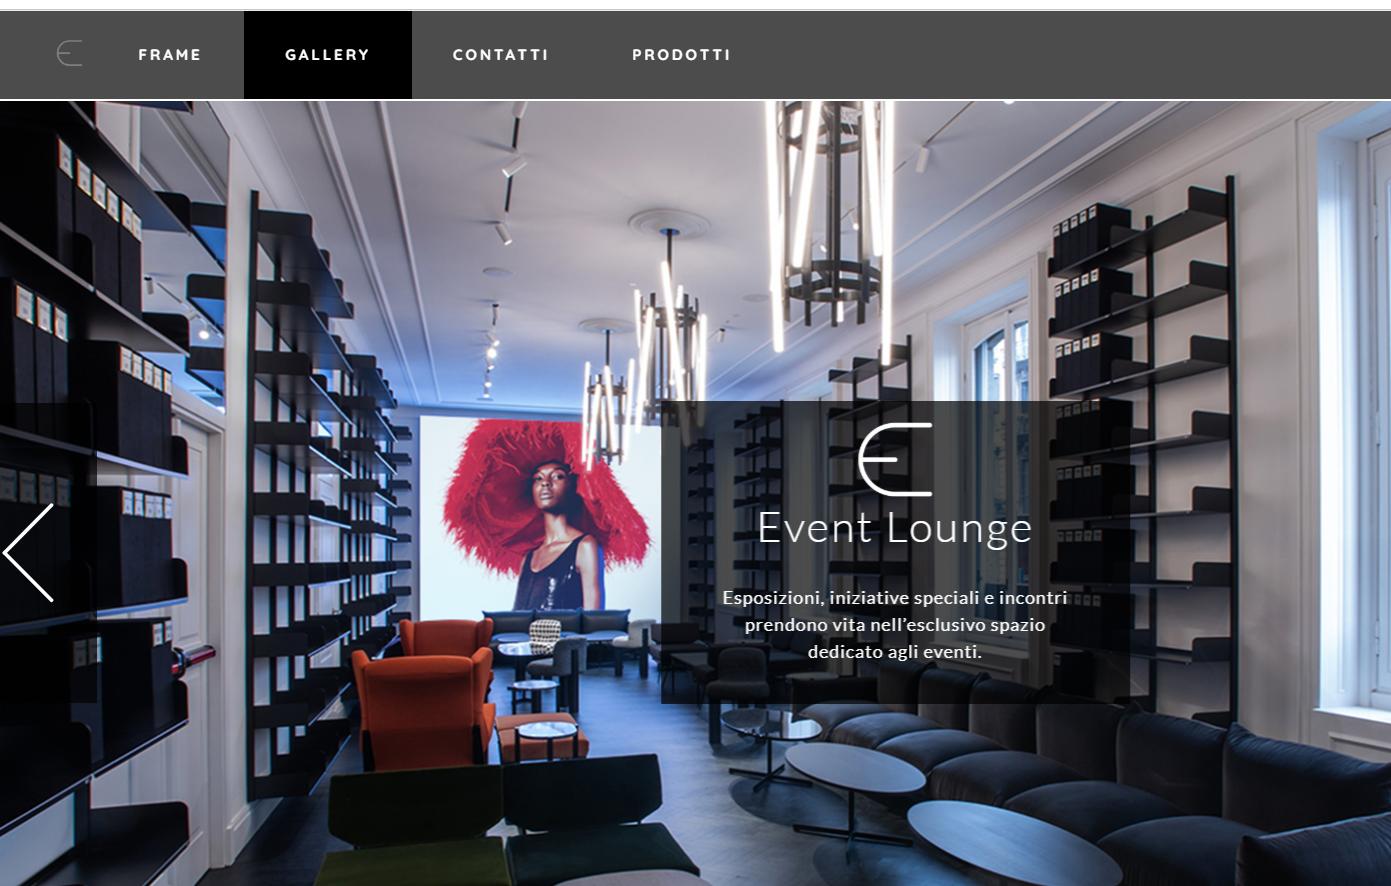 康泰纳仕意大利首家零售体验店 Frame 开幕,未来将成为集团旗下各大媒体的活动举办地